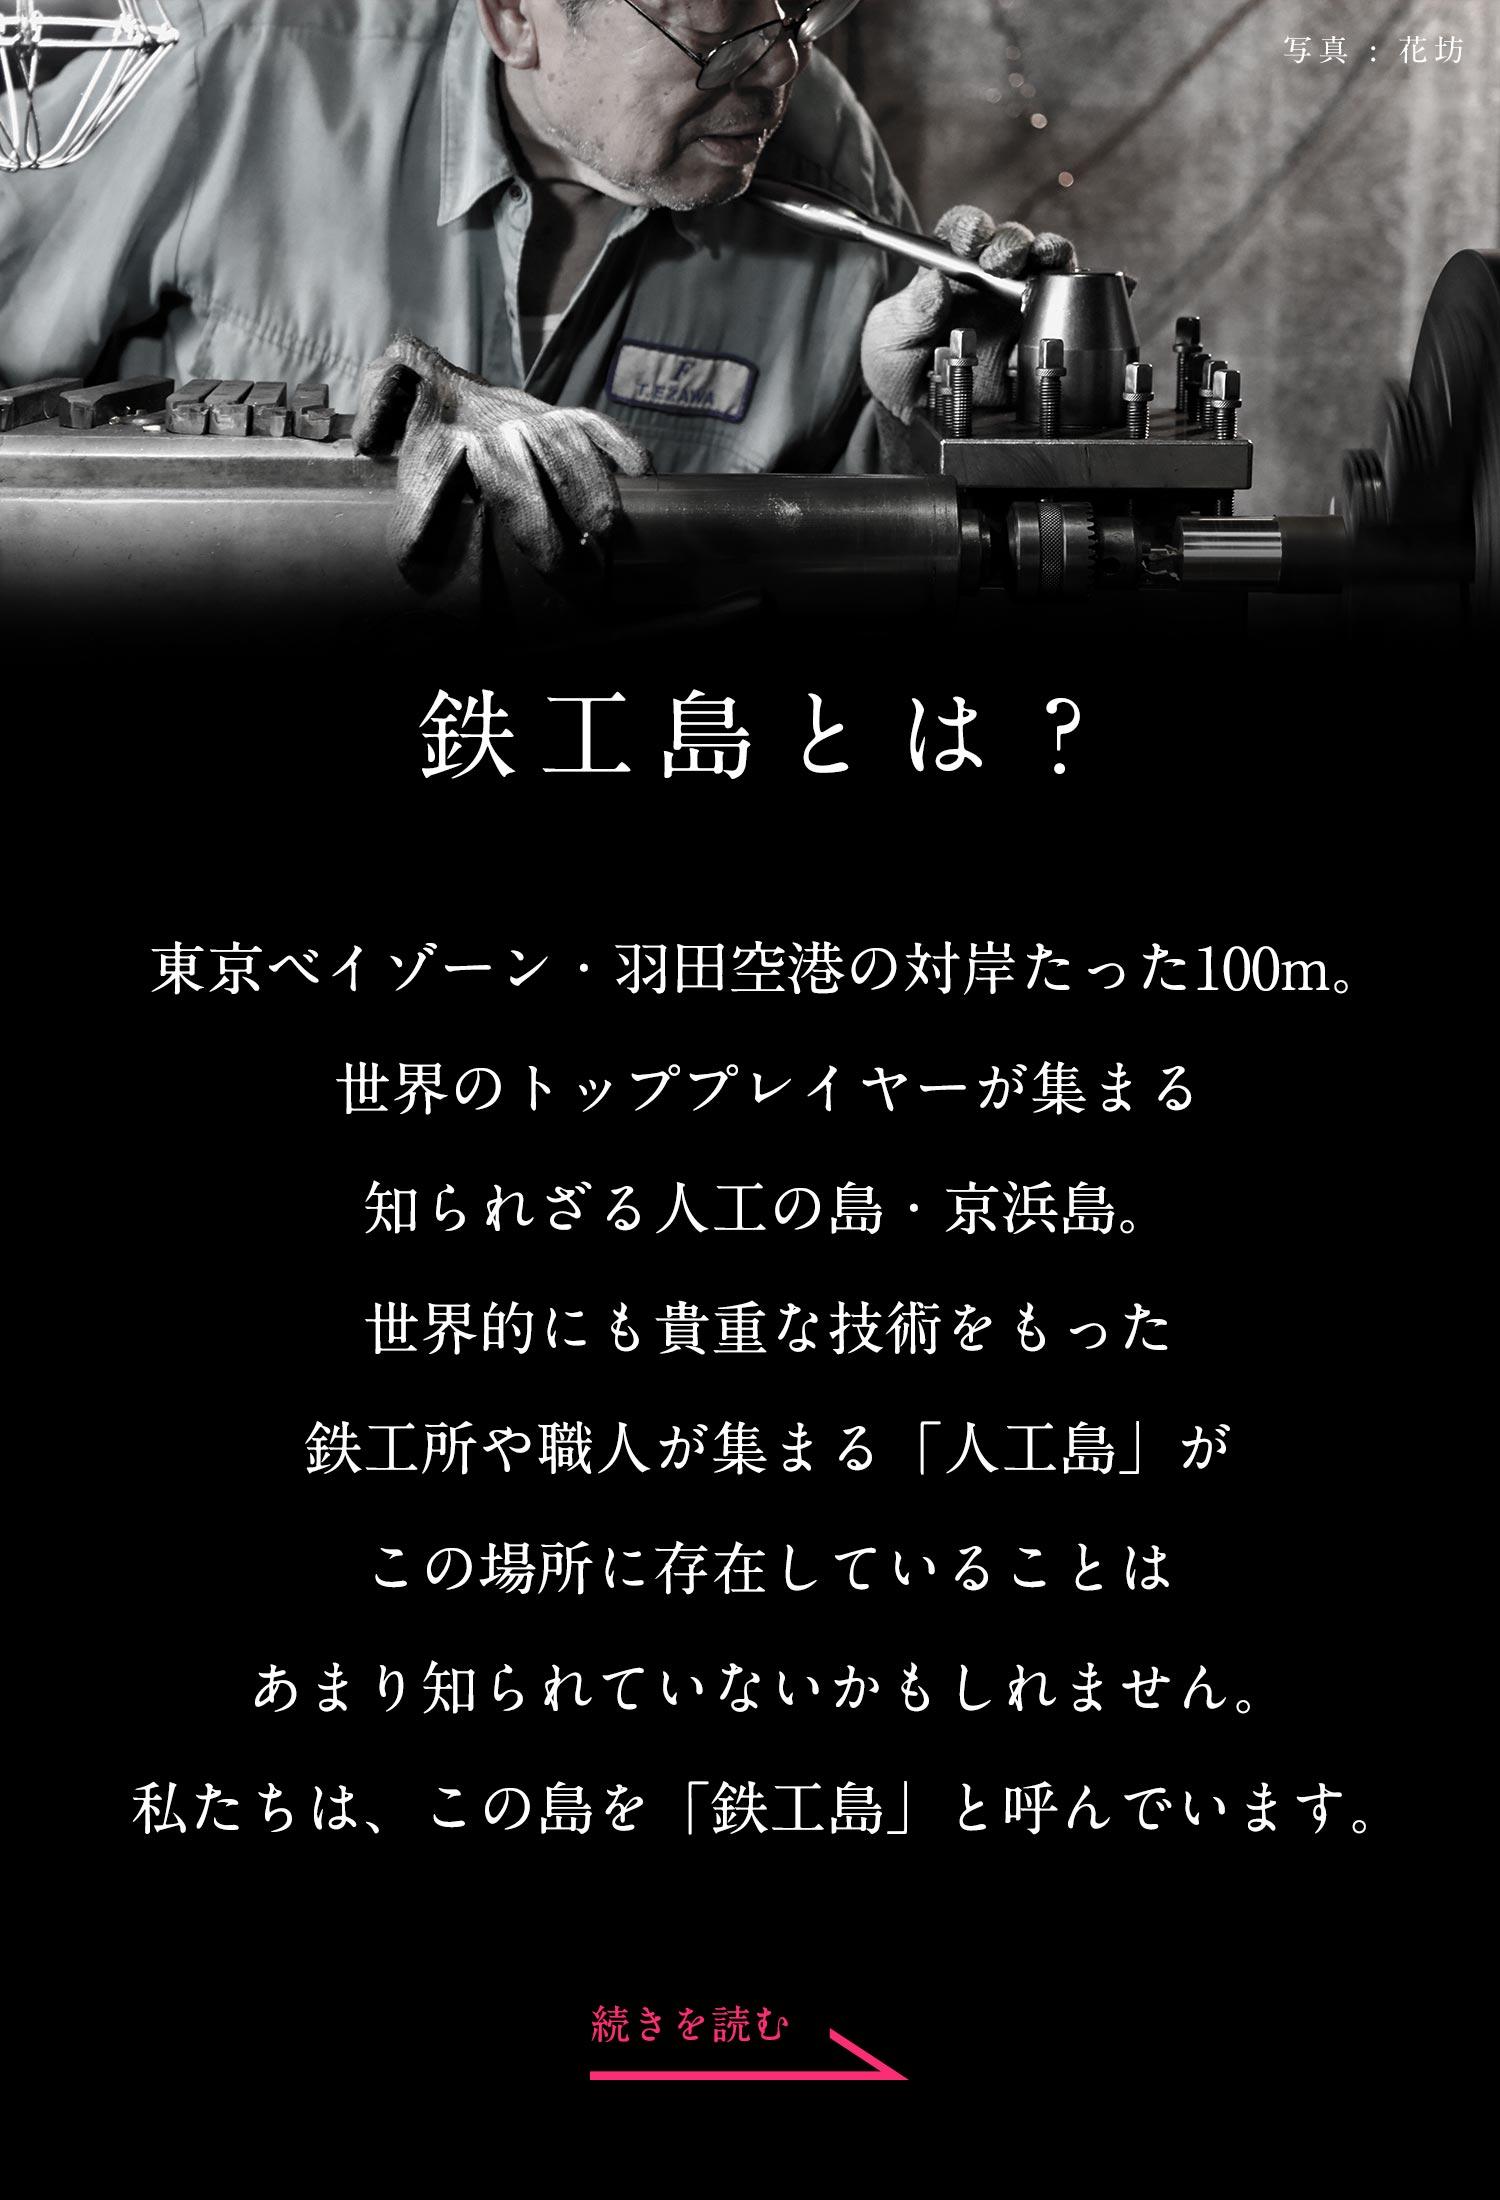 鉄工島フェス 2018 〜IRON ISLAND FES. 2018〜 鉄工島FESとは?